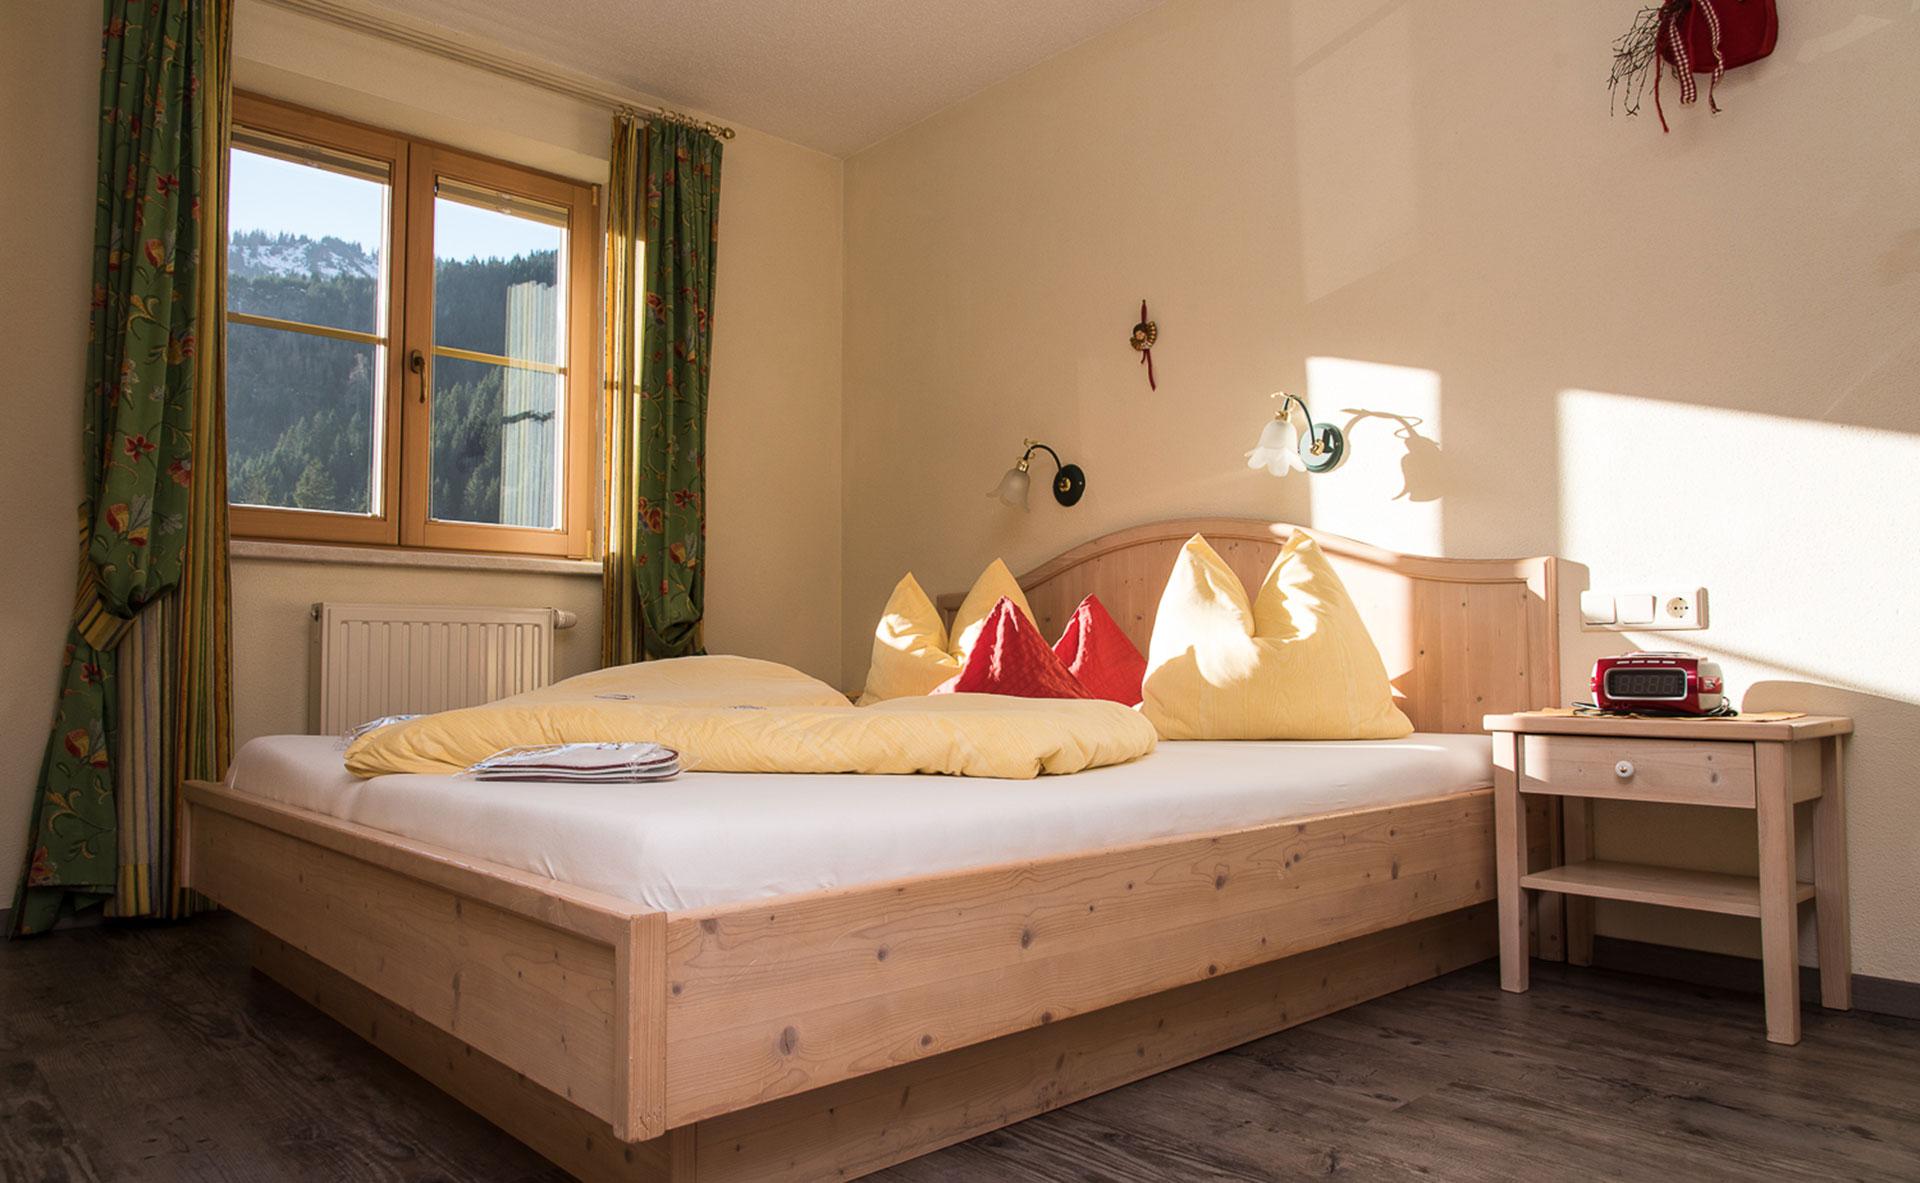 Ferienwohnung im Frühstücksraum im Doppelzimmer im Bio-Bauernhof Vilshof in Tannheim